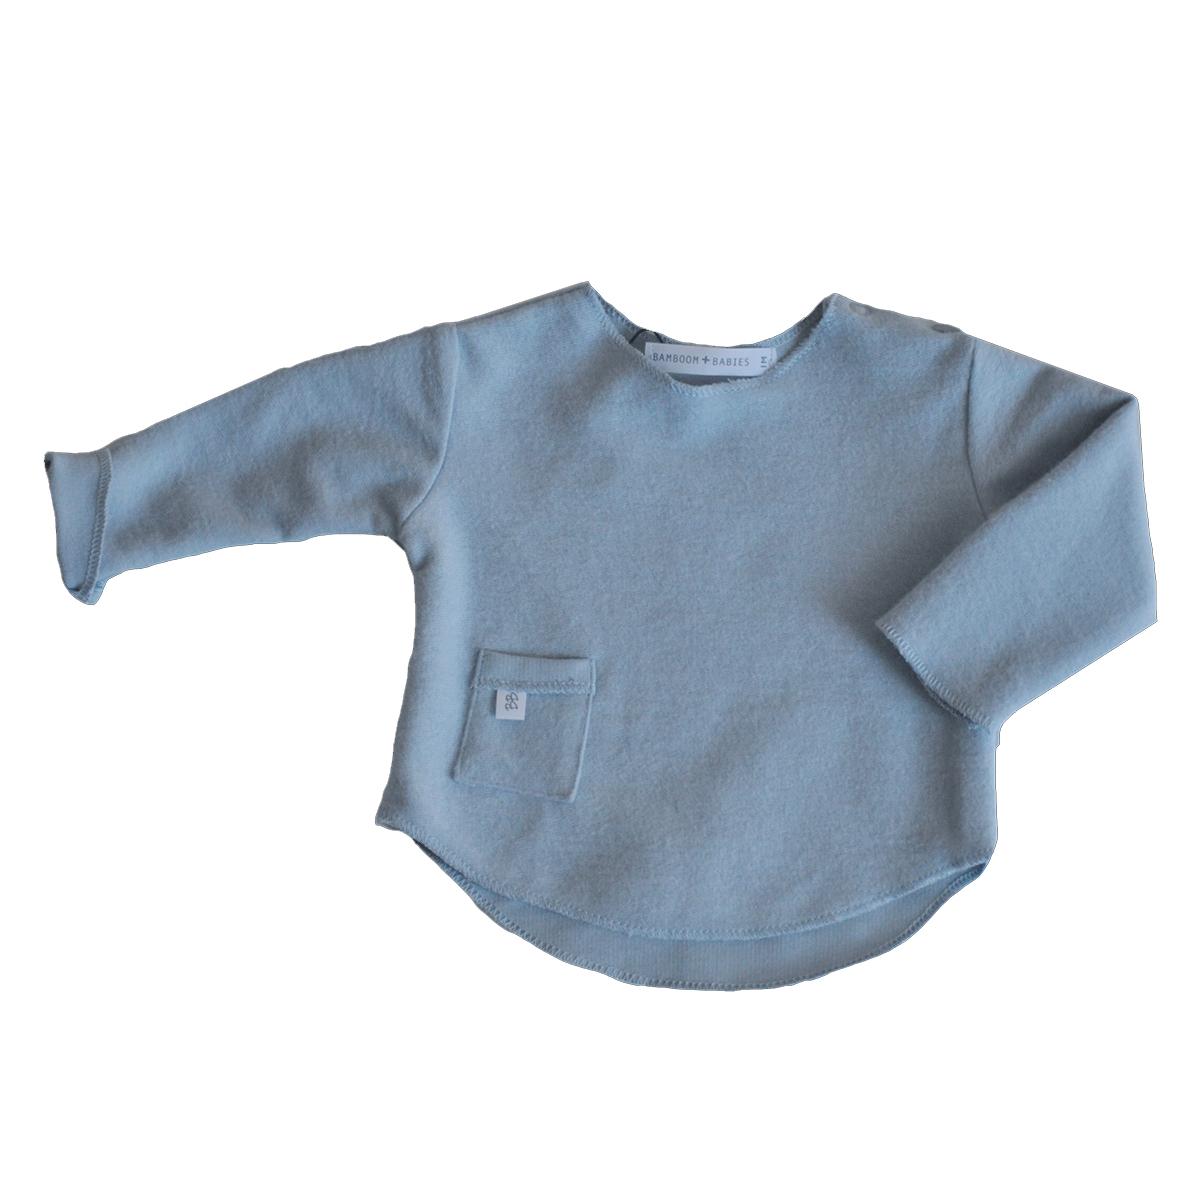 Haut bébé Tee-Shirt Manches Longues Bleu - 9/12 Mois Tee-Shirt Manches Longues Bleu - 9/12 Mois